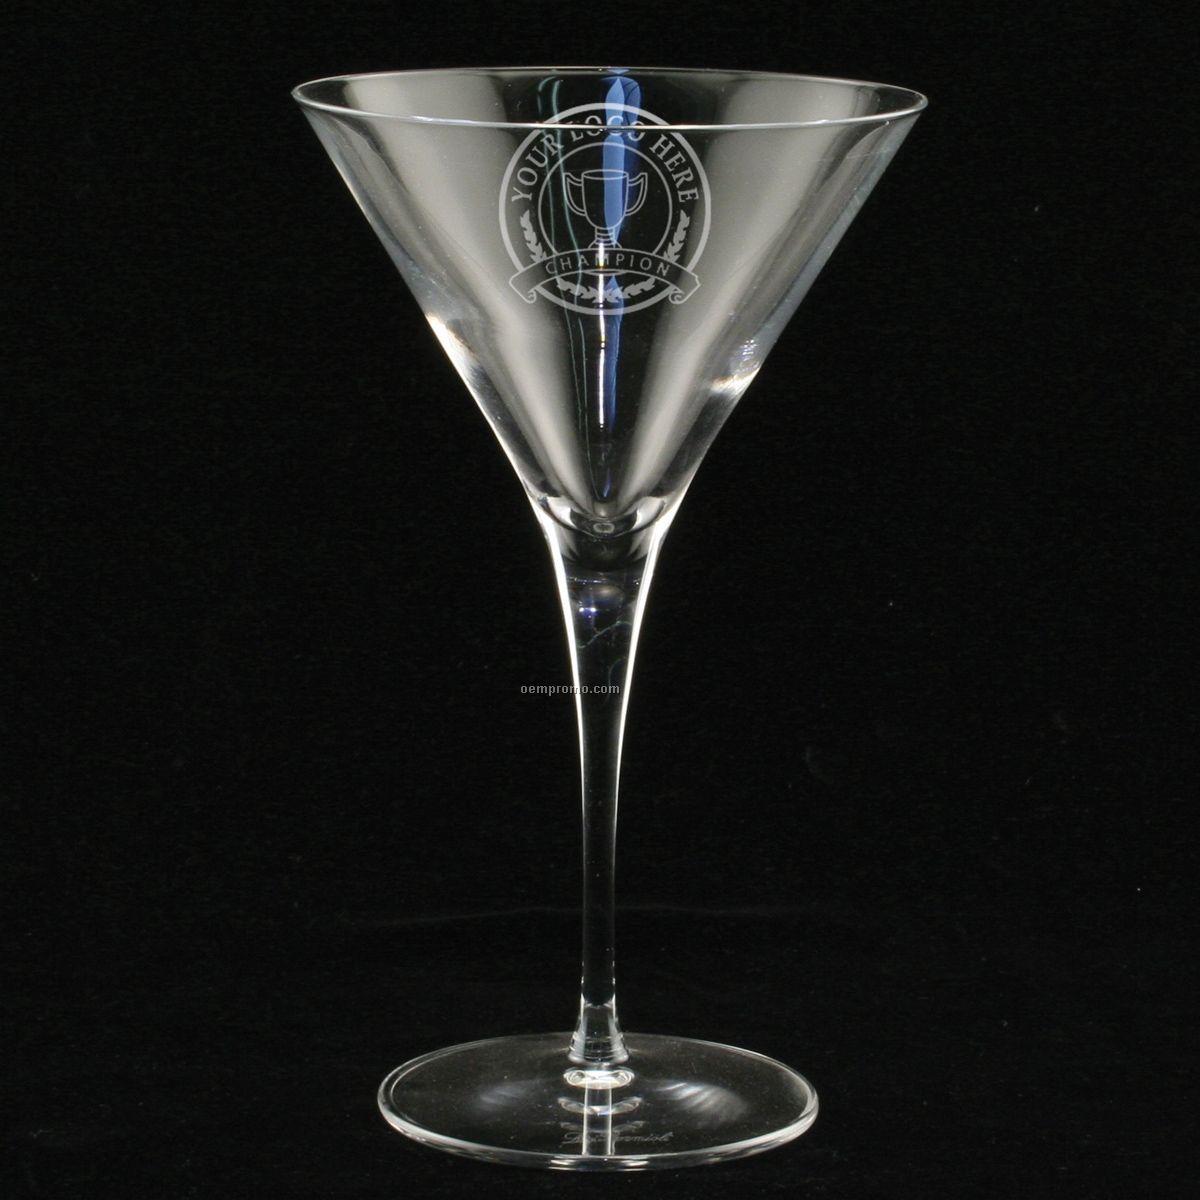 10 Oz. Estate Martini Glass (Set Of 4 - Deep Etch)